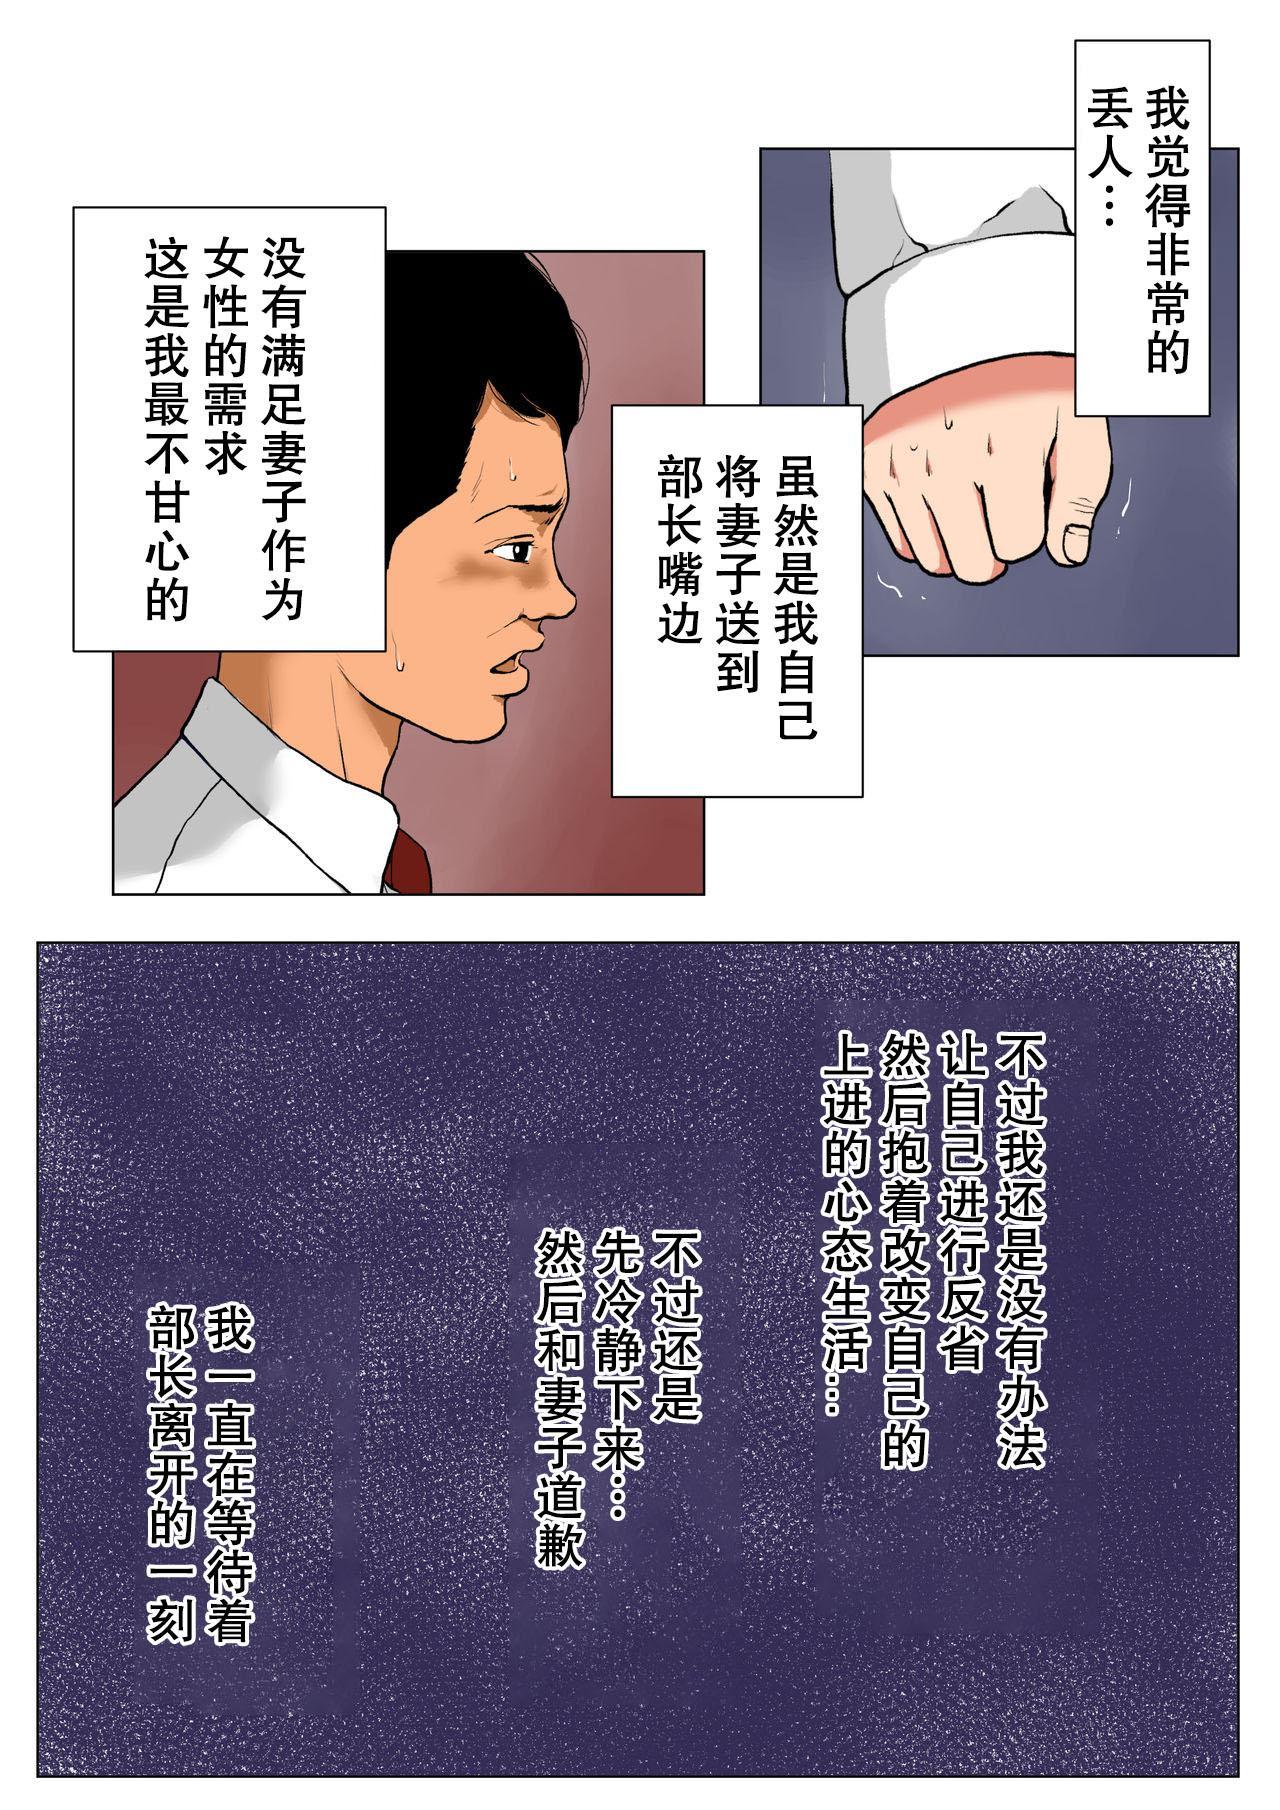 [W no Honnou] Shin, Boku no Tsuma to Kyokon no Moto AV Danyuu Buchou[Chinese]【不可视汉化】 62